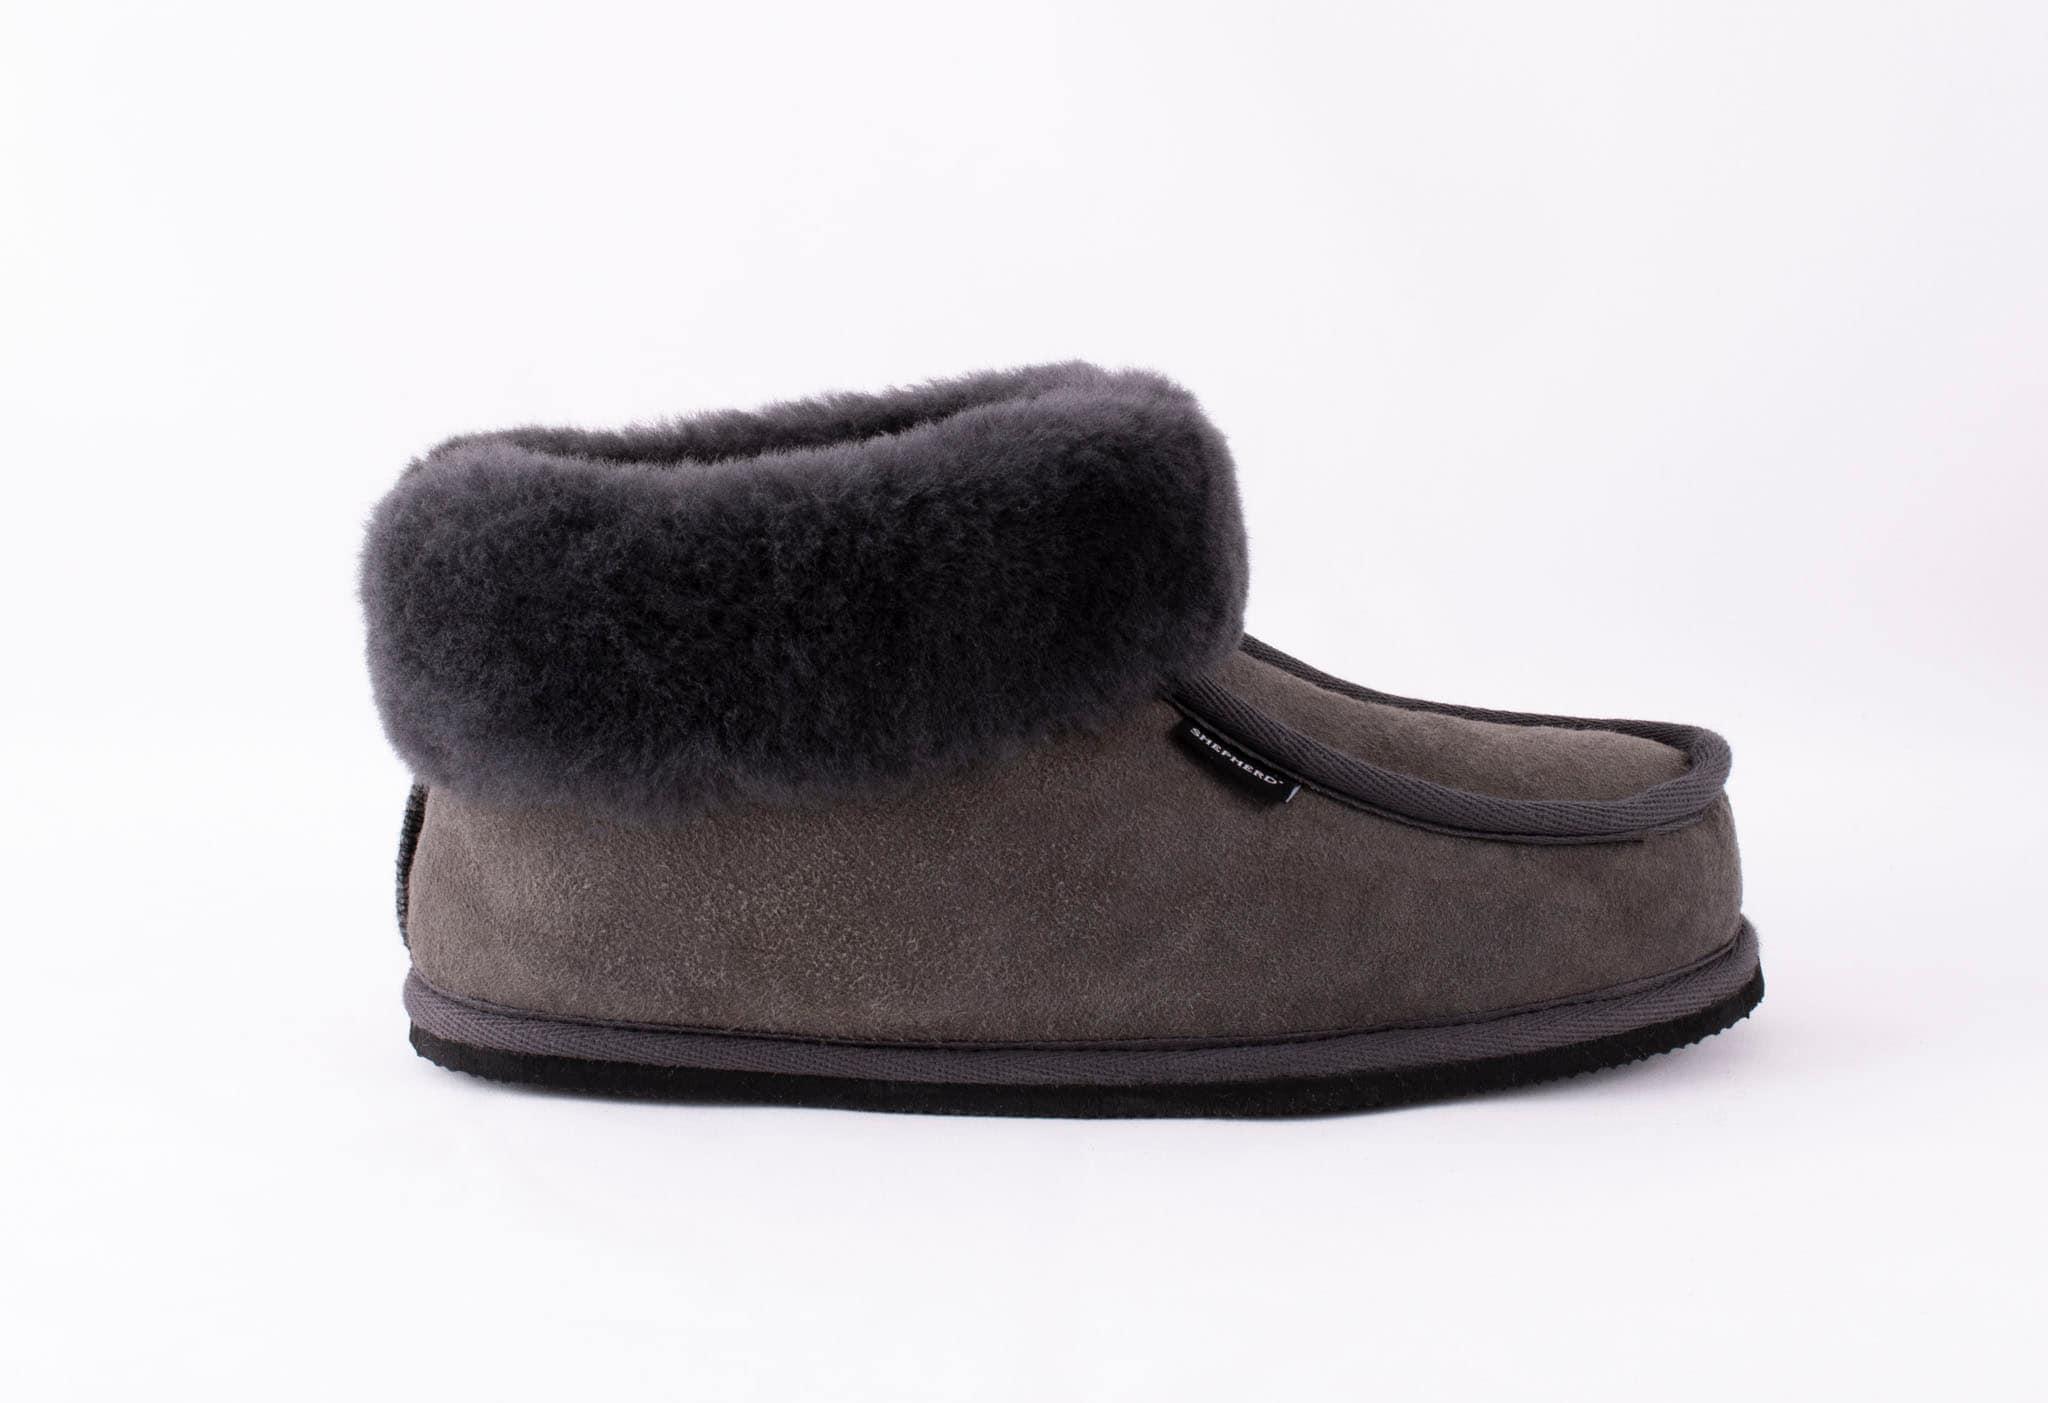 Shepherd Lena slippers